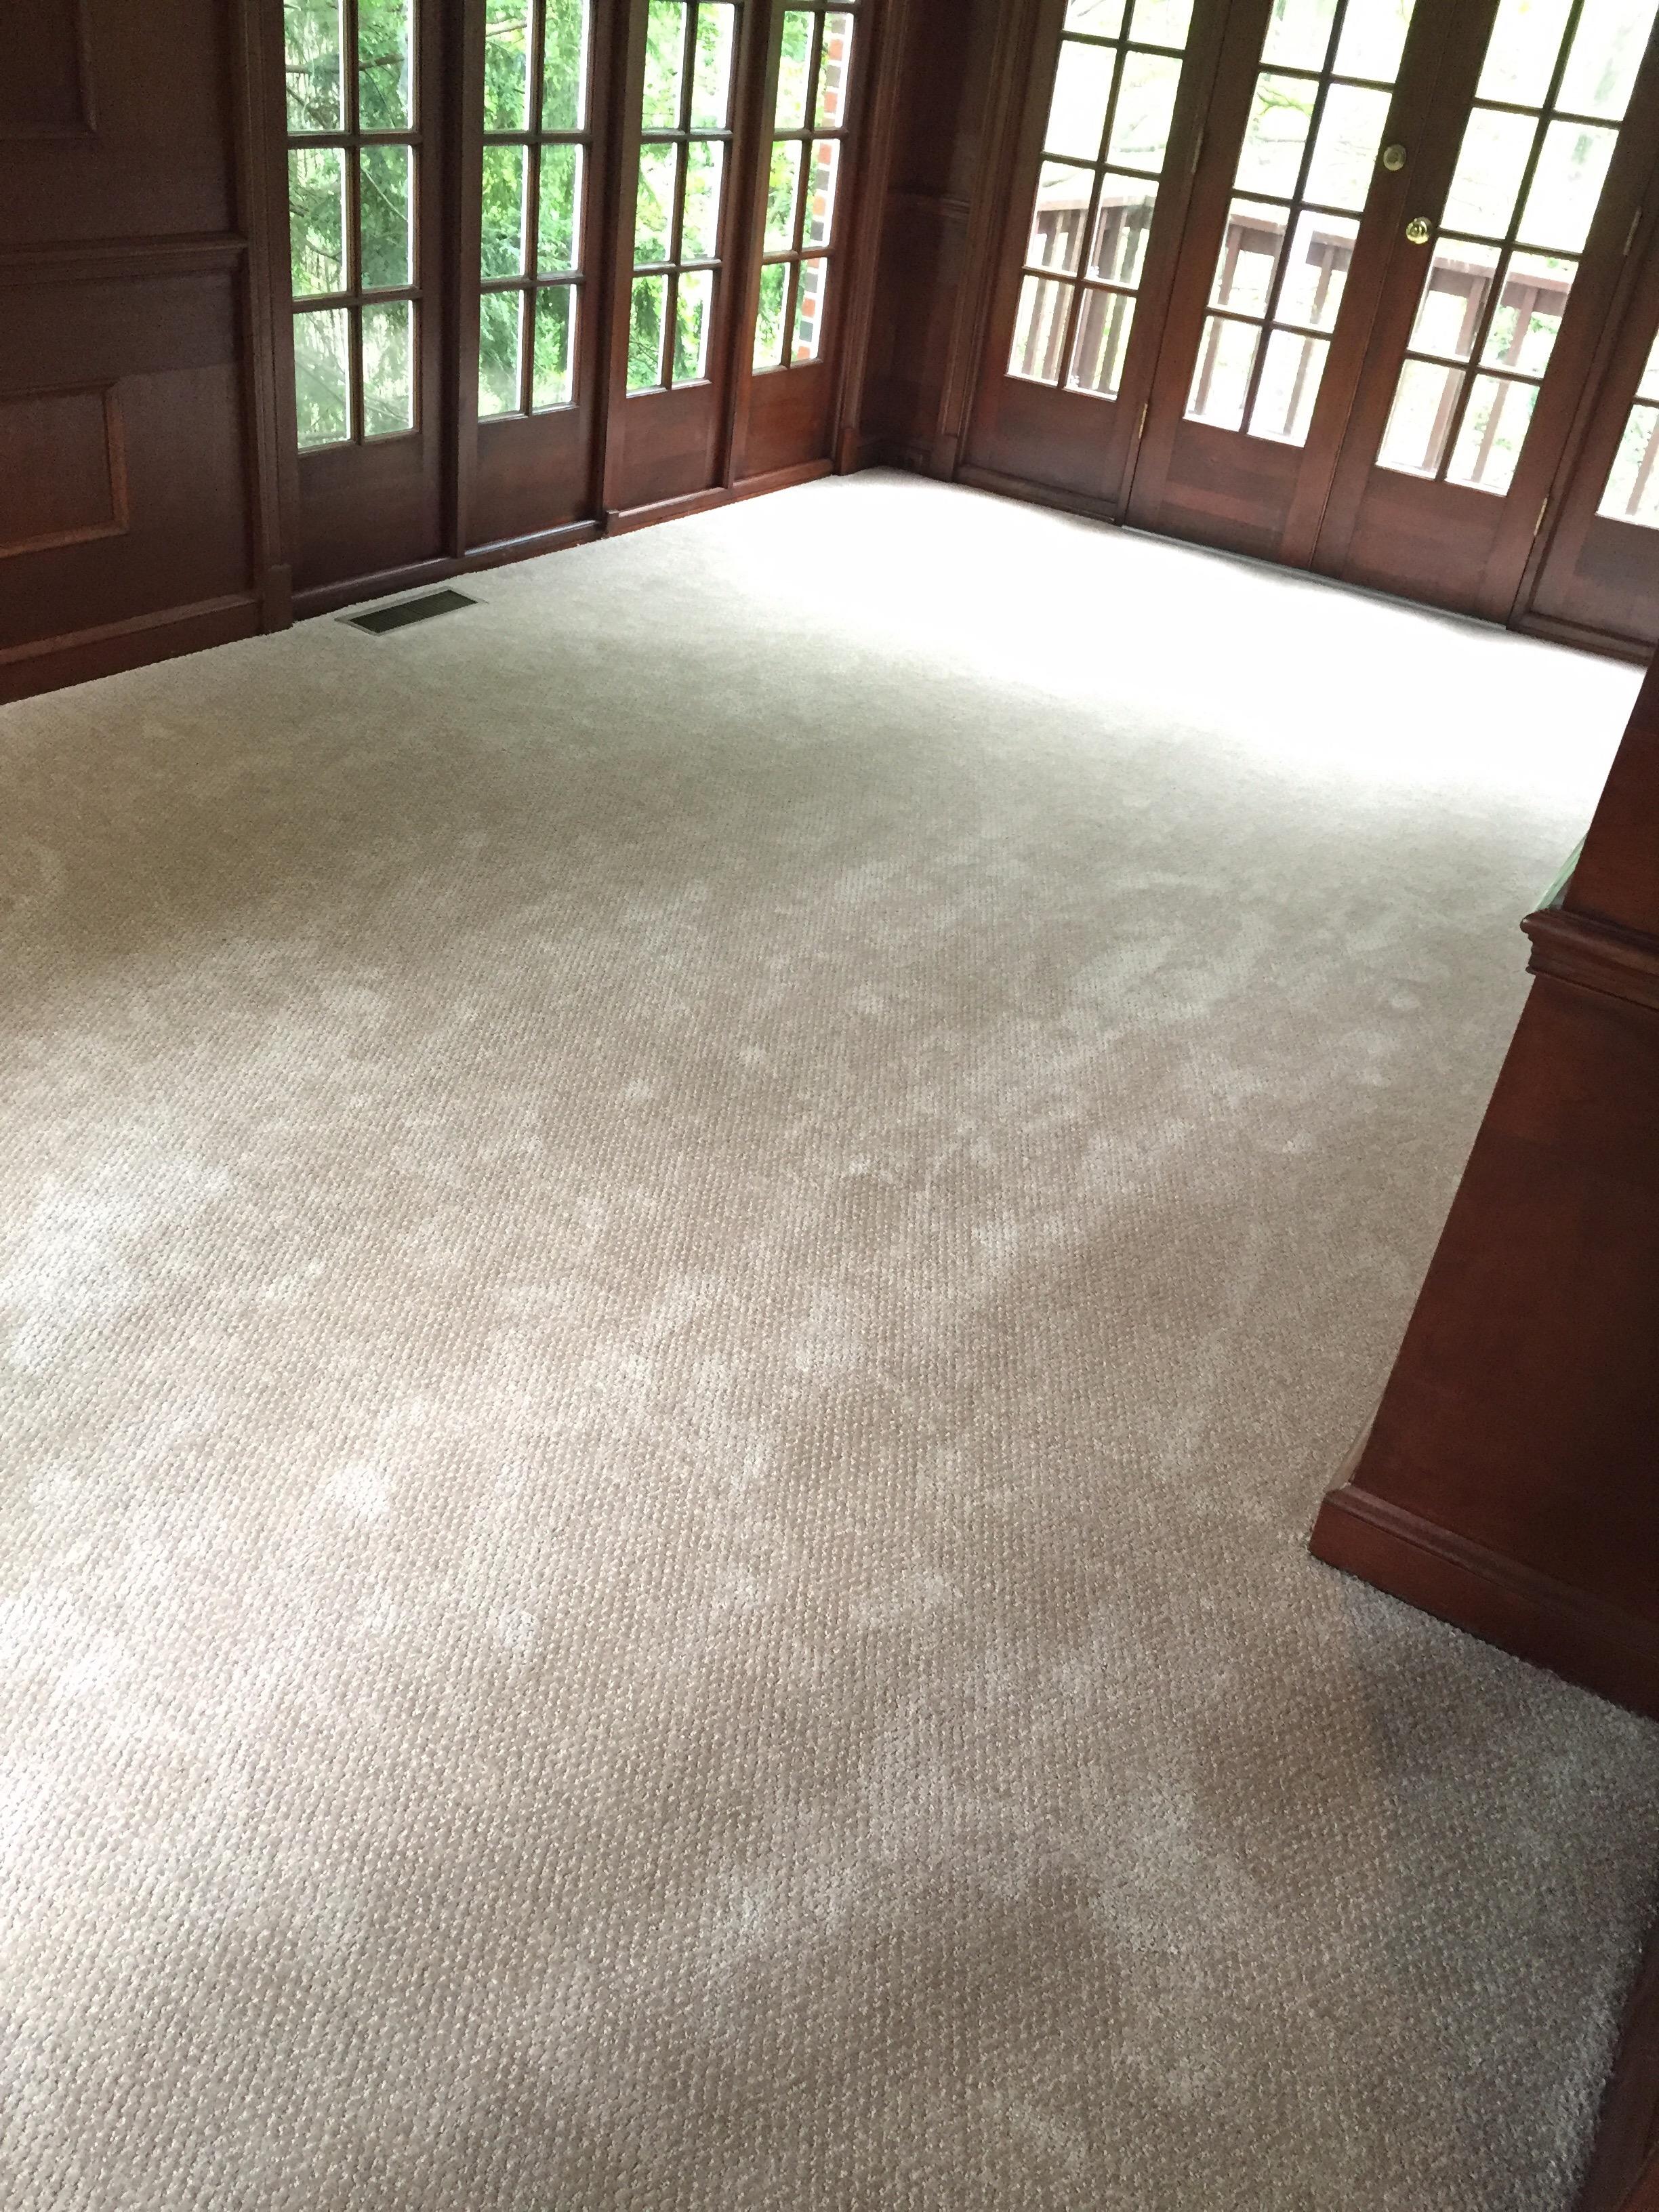 1 - Carpet in House.jpg